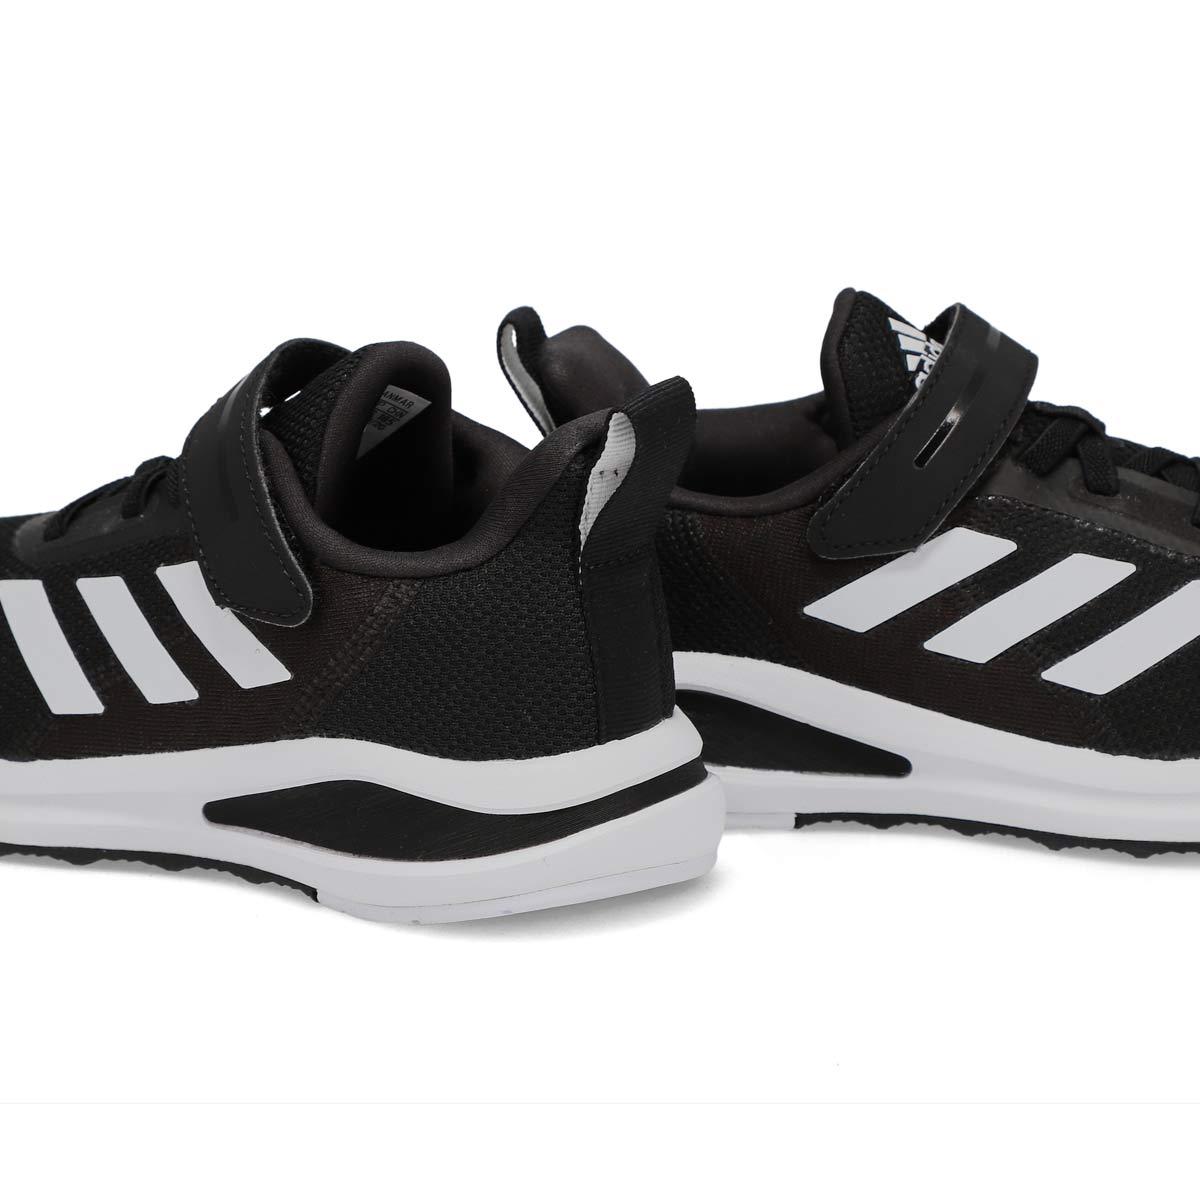 Boy's FortaRun EL K Running Shoe - Black/White